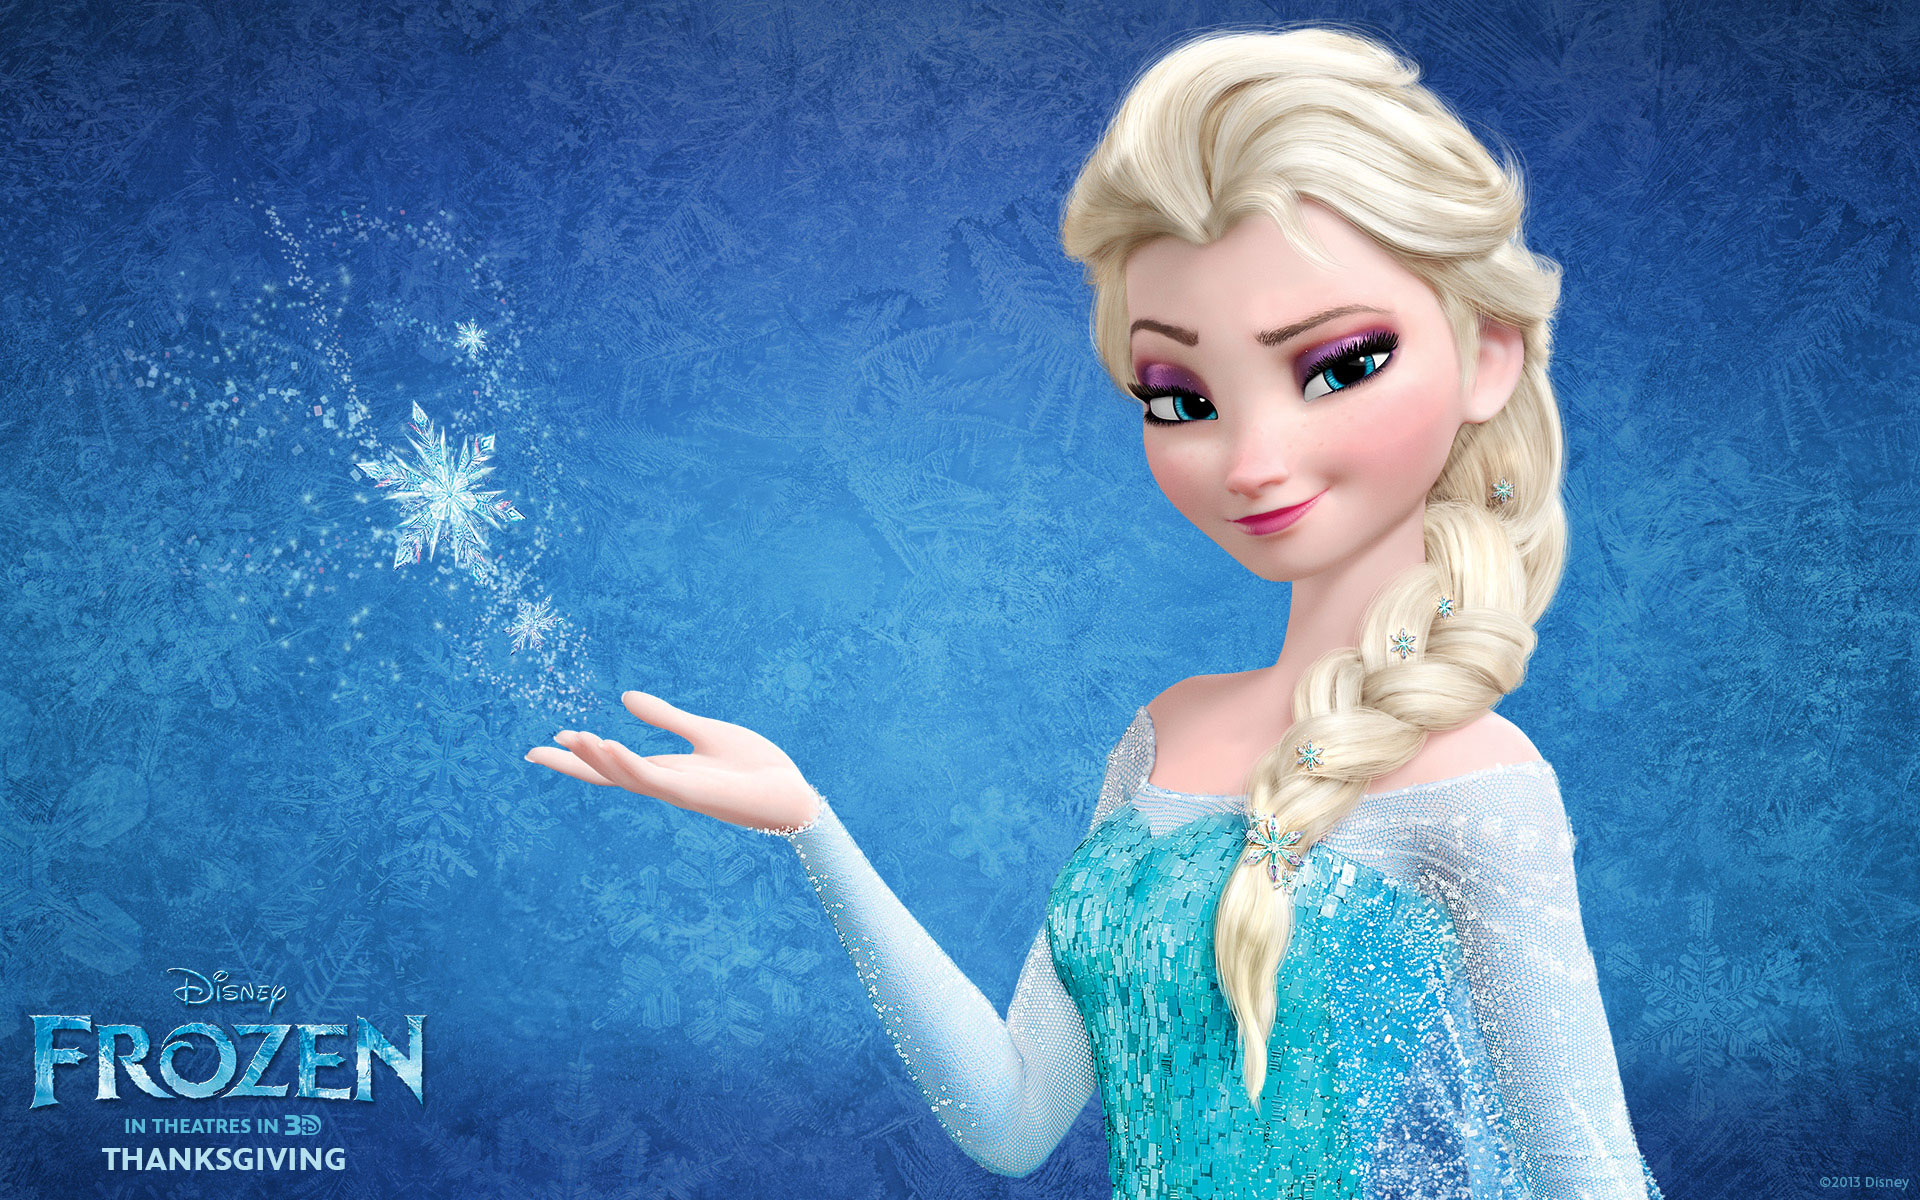 Uncategorized Picture Of Frozen frozen georgekelley org movie elsa hd wallpaper1